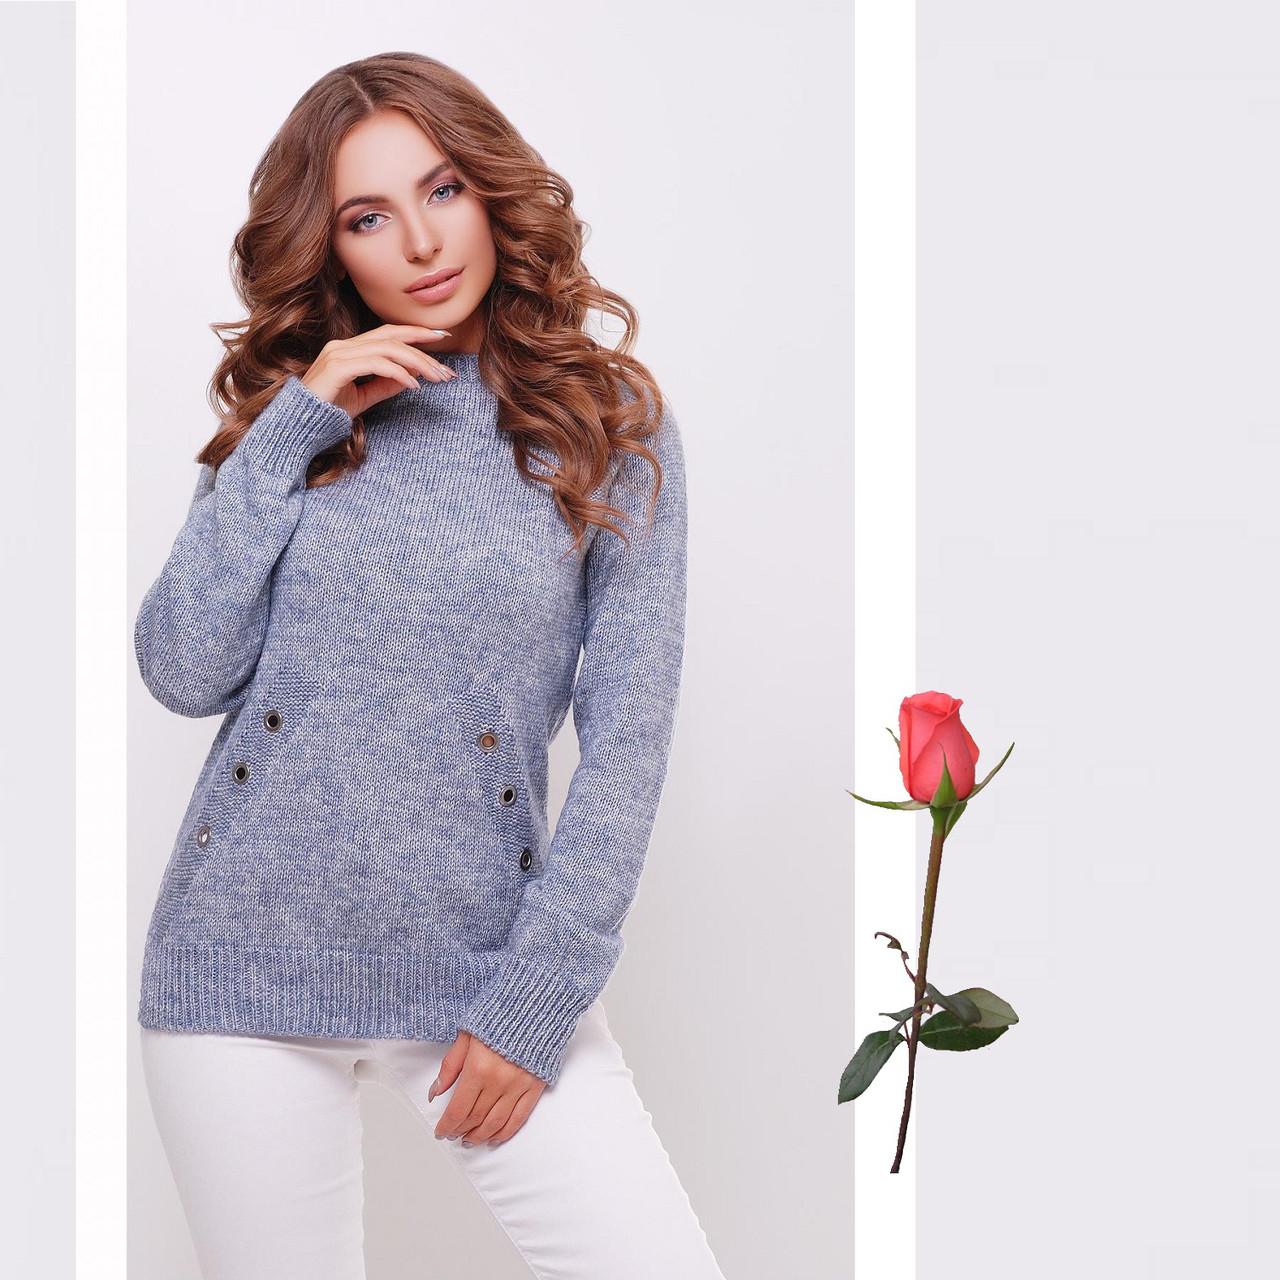 Меланжевый полушерстяной вязаный женский свитер с круглым вырезом Gl  77144  Голубой